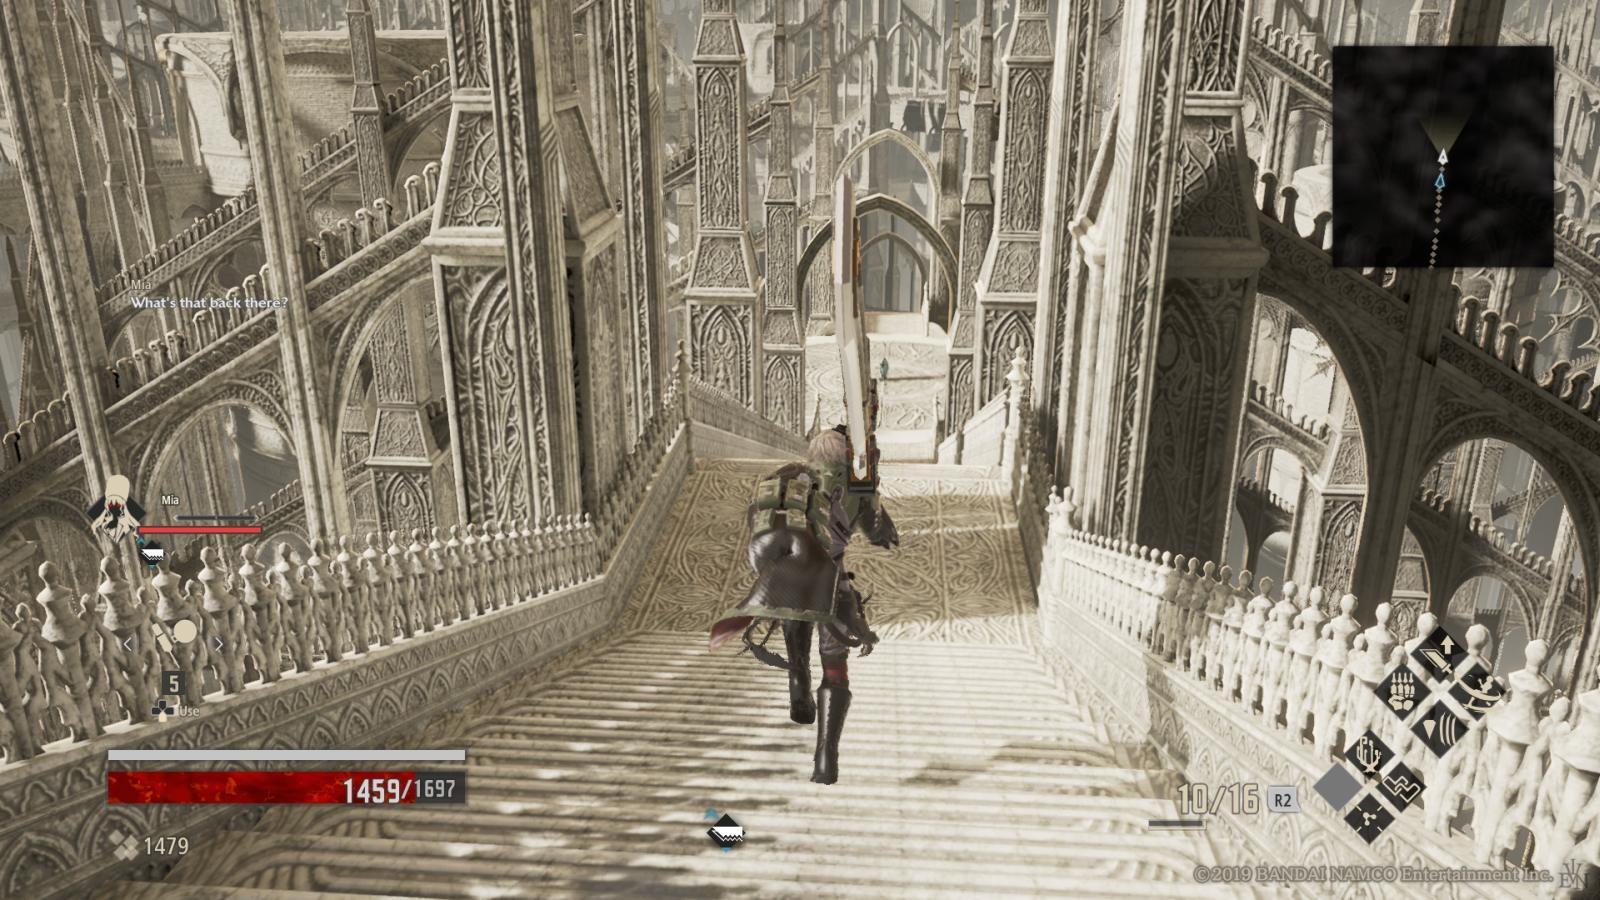 Code Vein; gameplay: Anor Londo